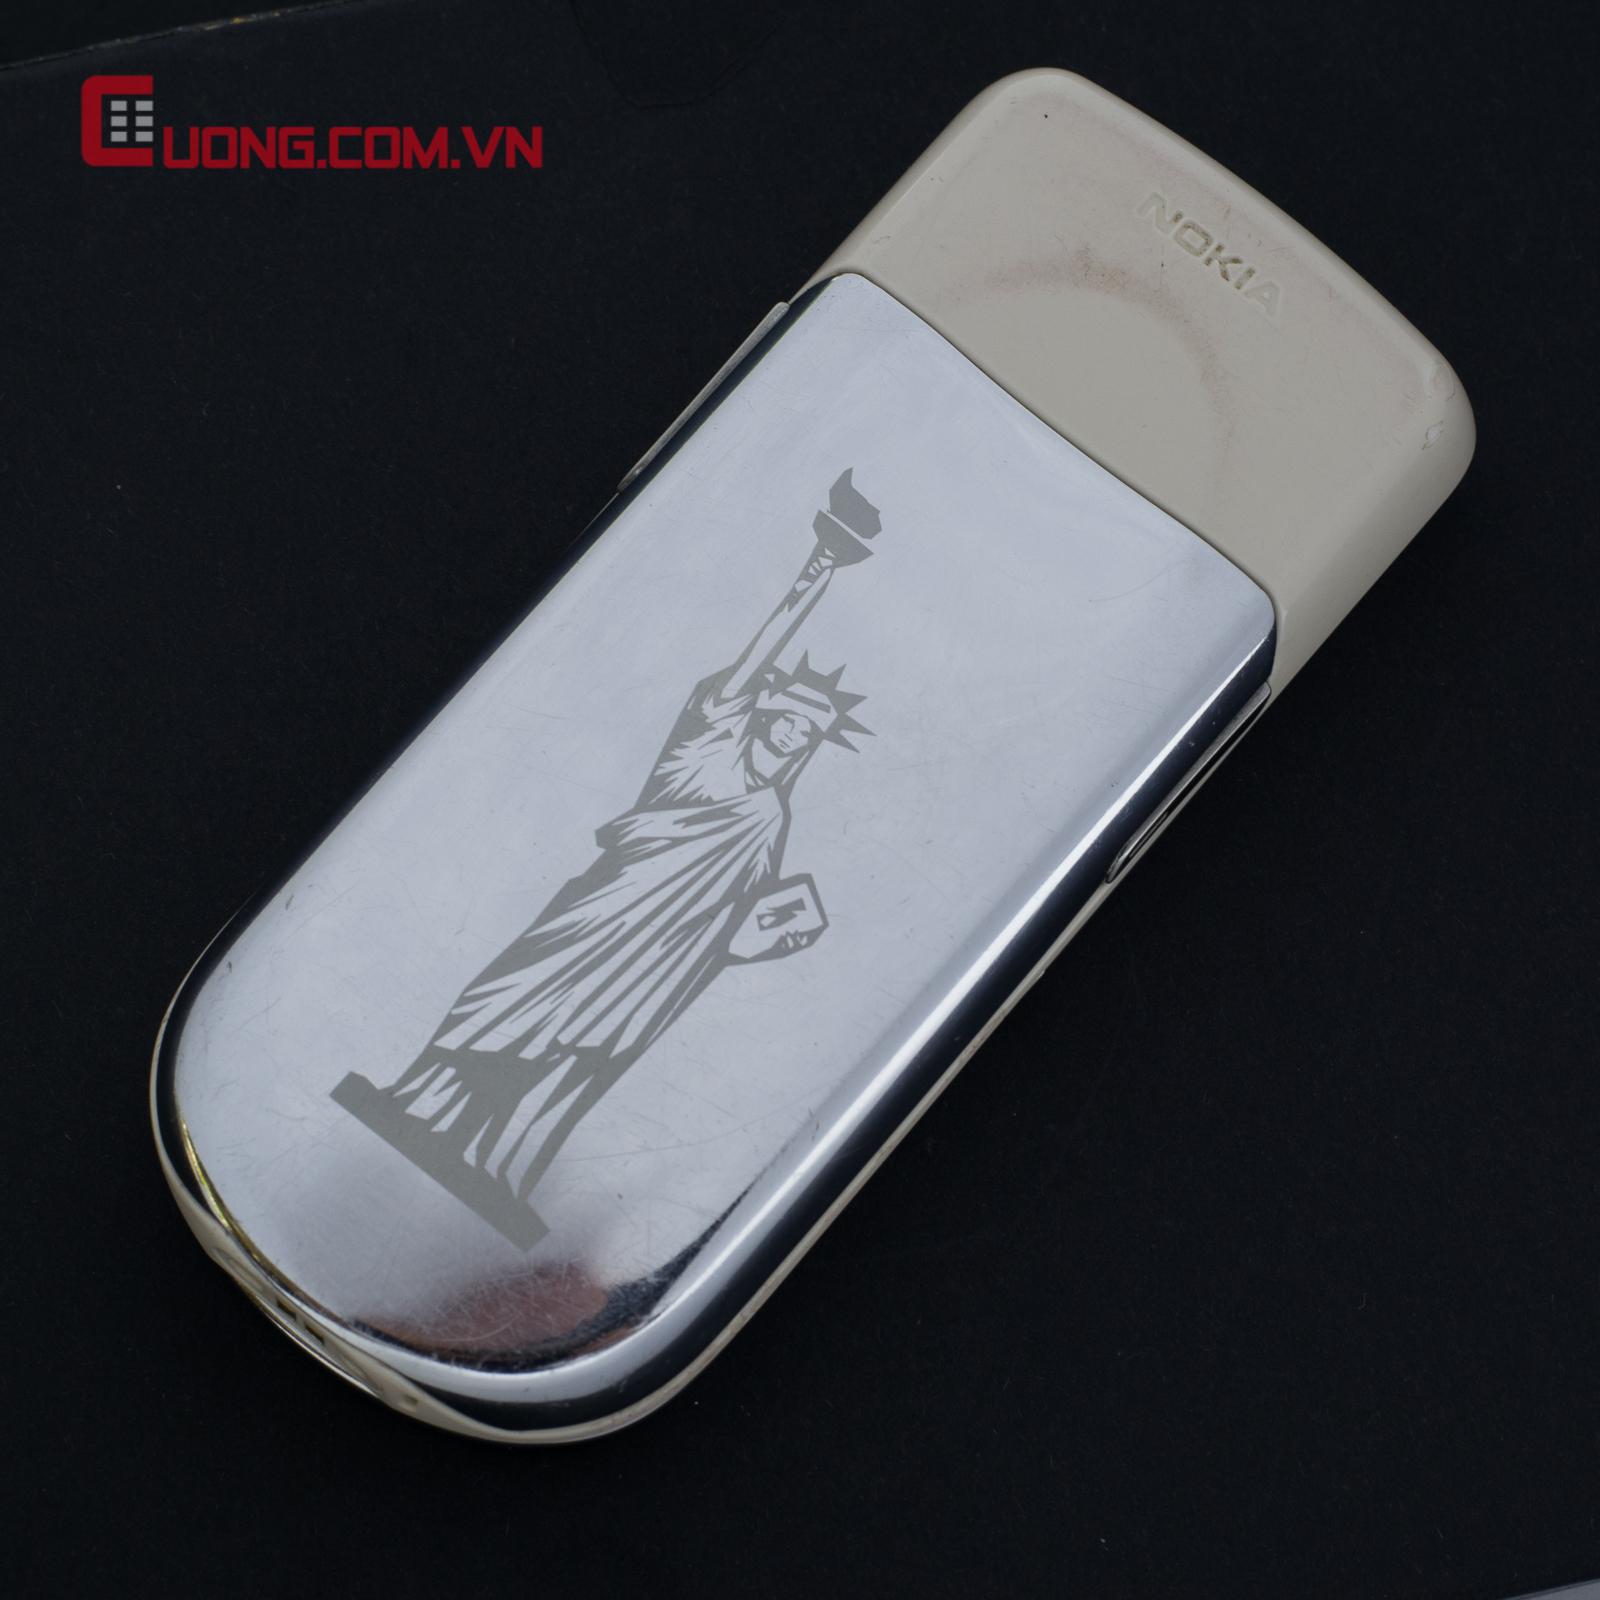 Nokia 8800 Sirocco Light ???c kh?c h�nh N? th?n t? do theo � kh�ch